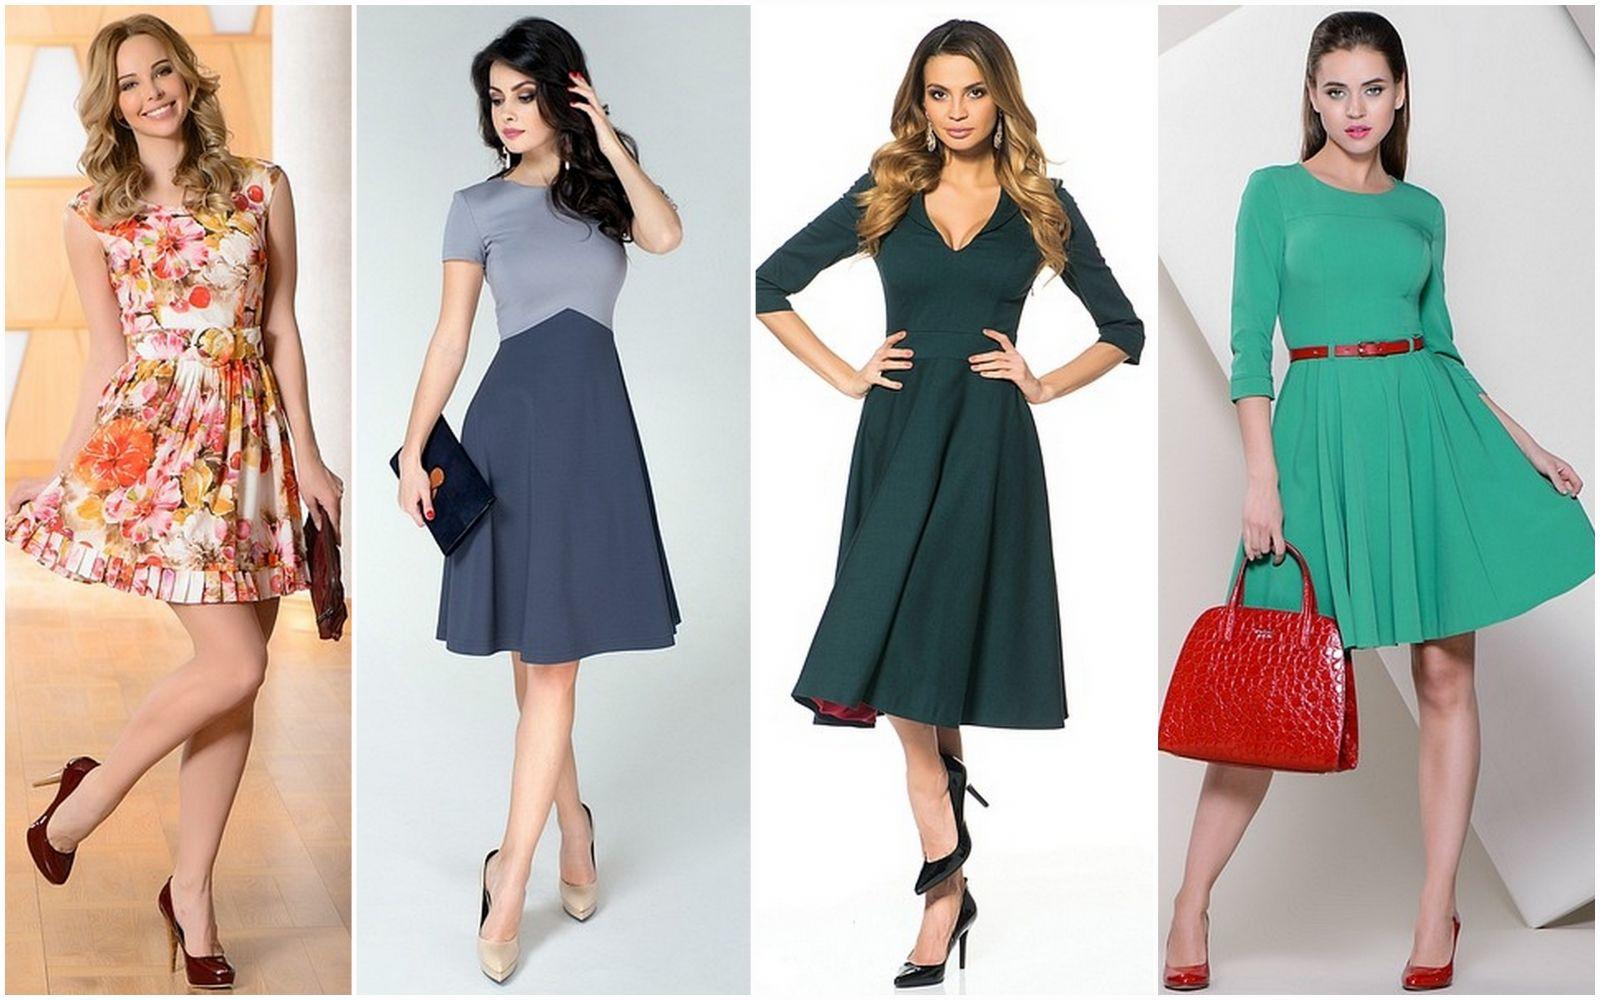 766b5b27c60 Как выбрать платье по типу фигуры  - Моя газета